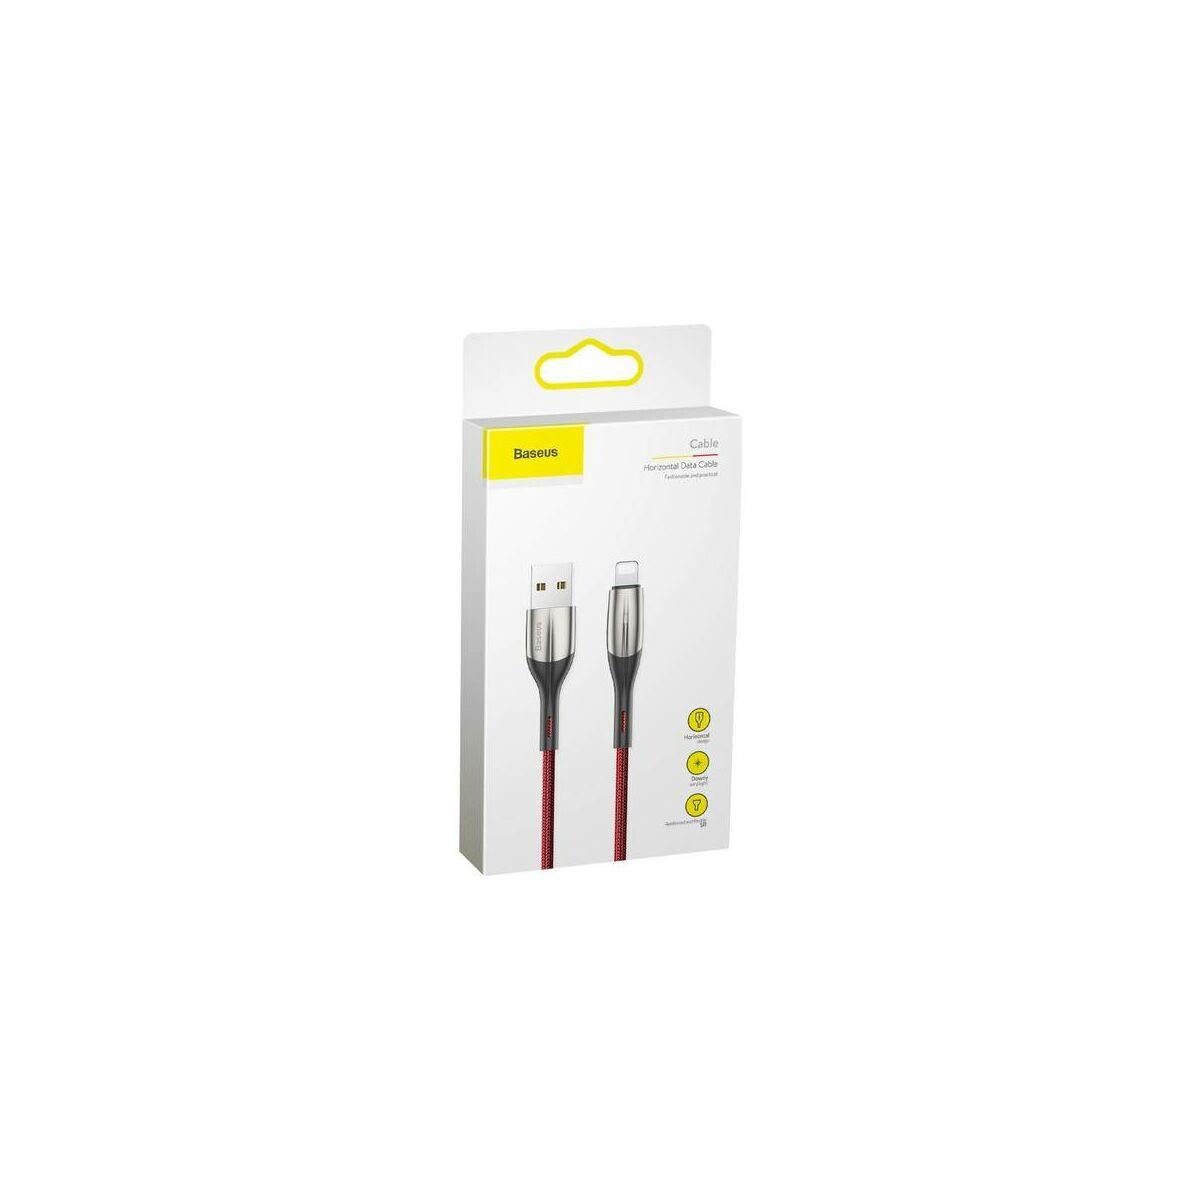 Baseus Lightning kábel, Horizontal, töltés/státusz-jelző LED, 2.4A, 1m, piros (CALSP-B09)